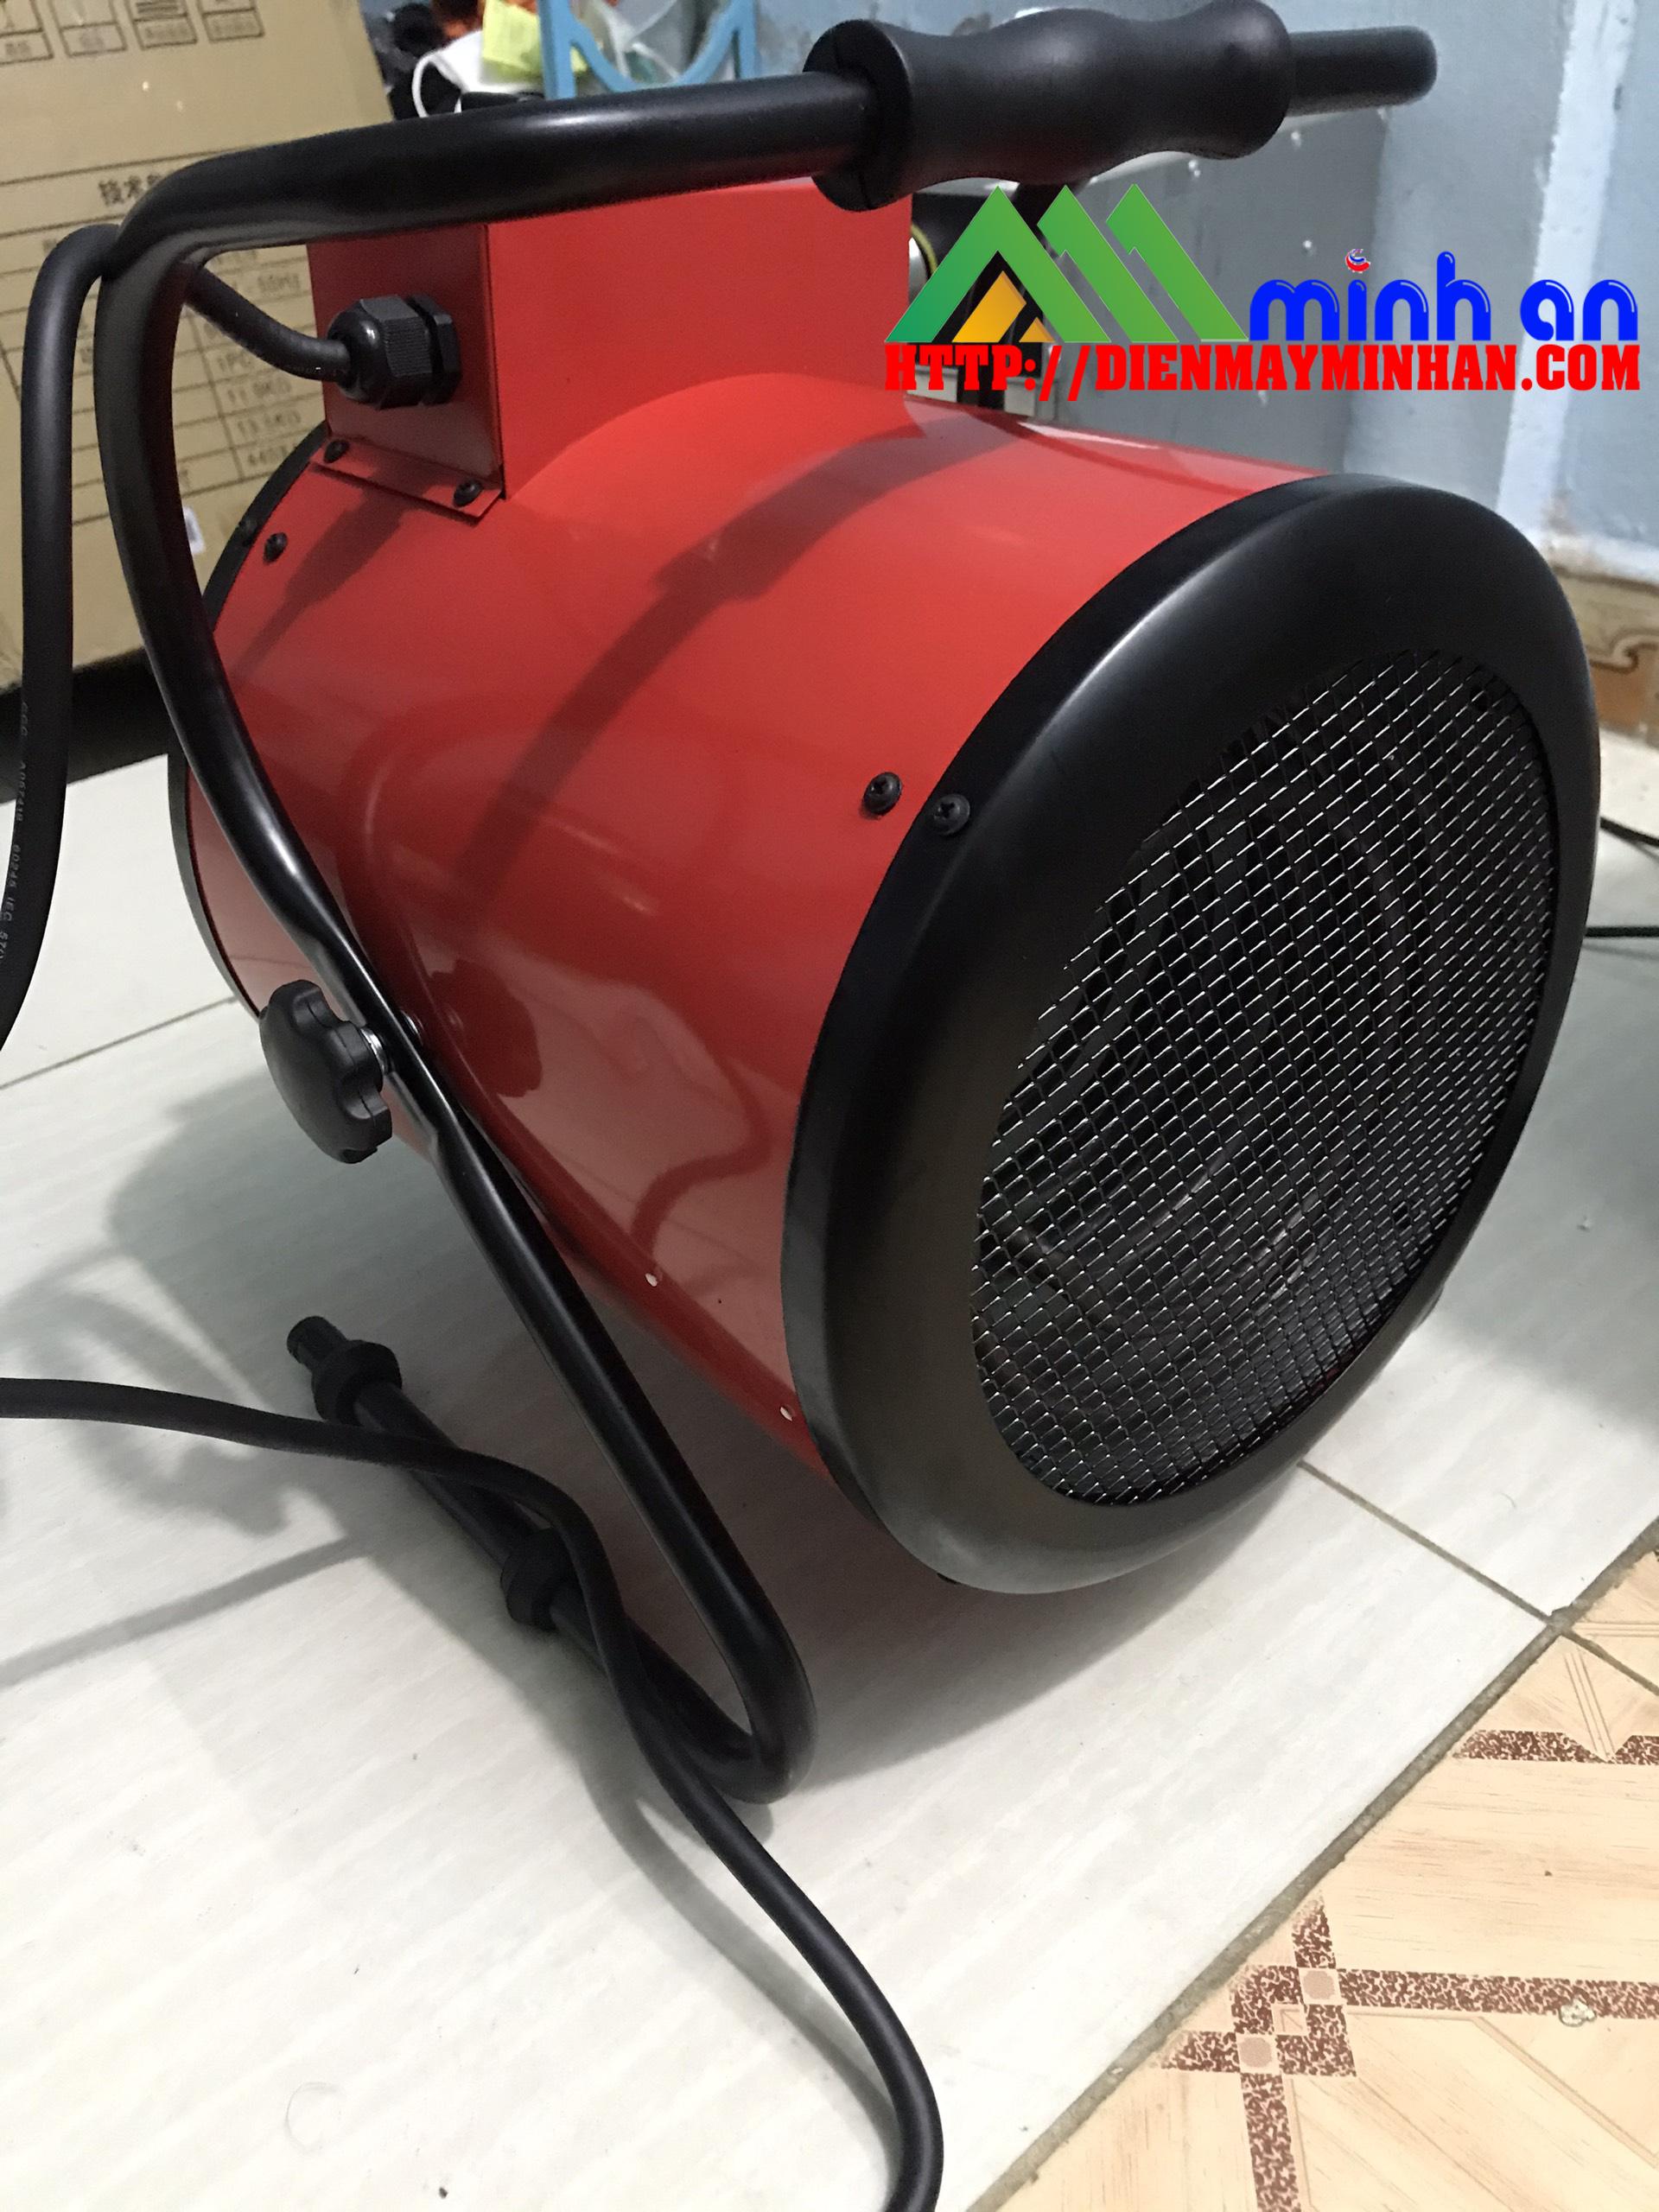 Bán máy sấy gió nóng 3kw tại Hồ Chí Minh giá tốt